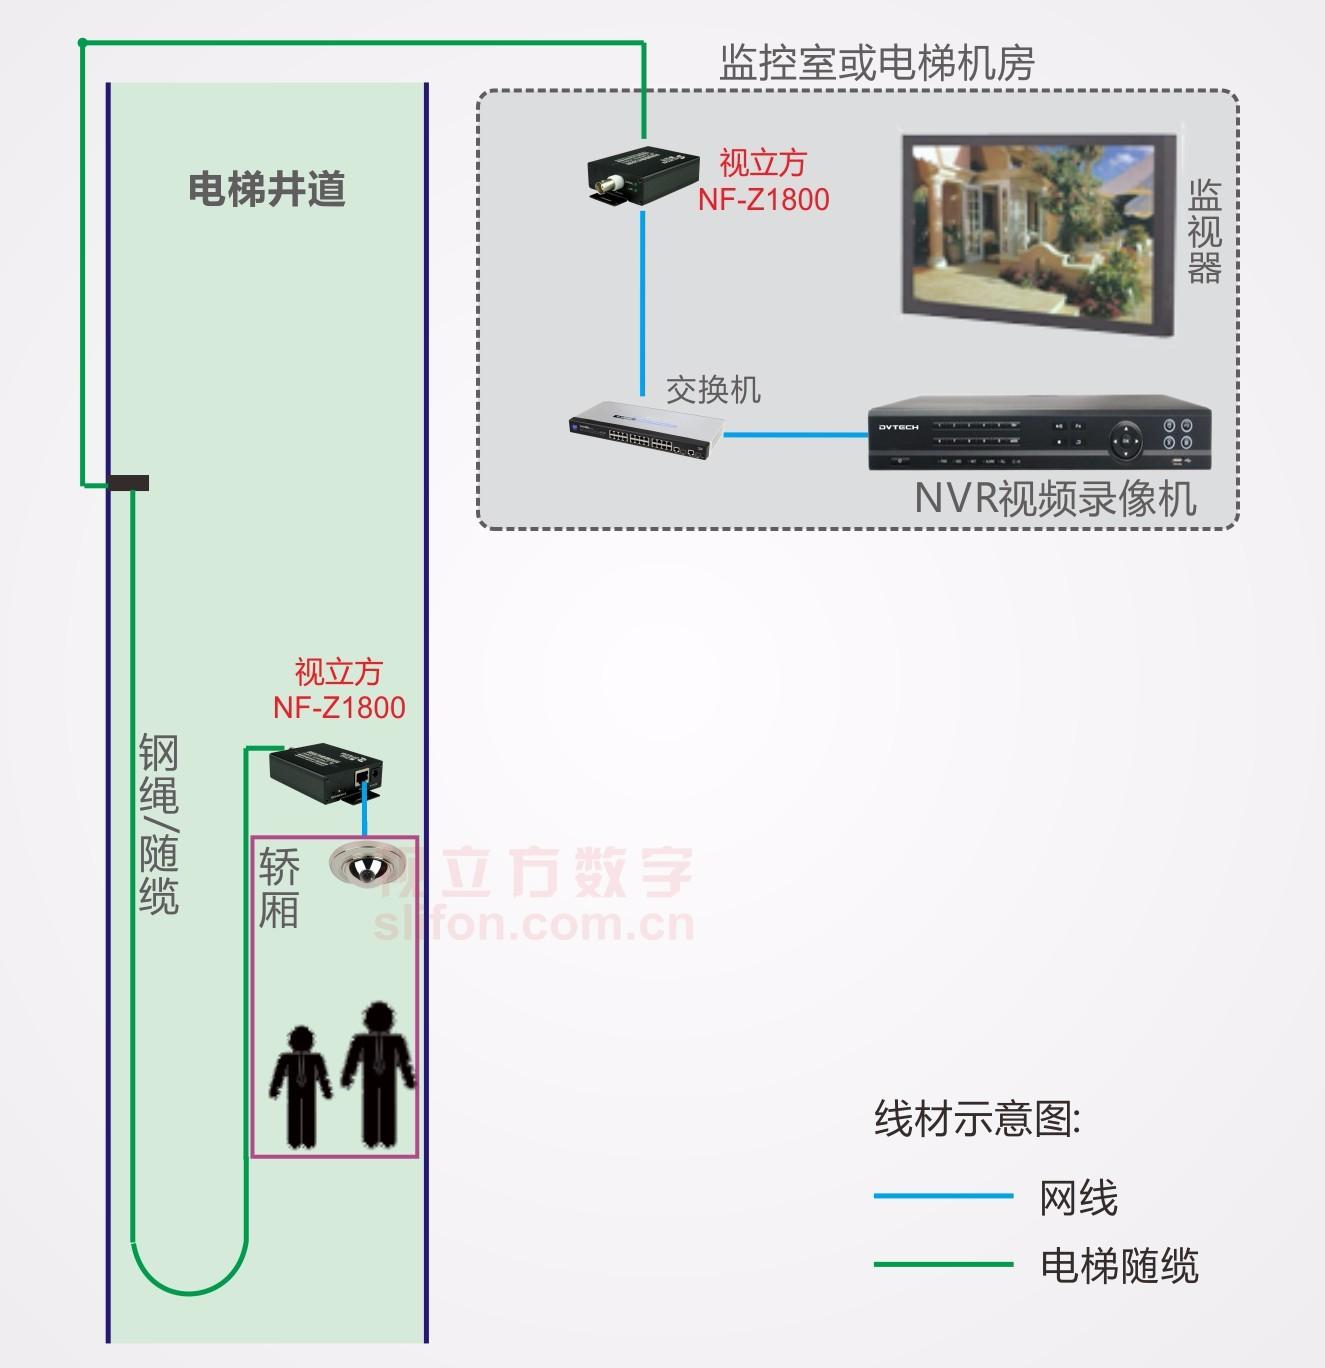 网络高清视频监控电梯随缆传输示意图